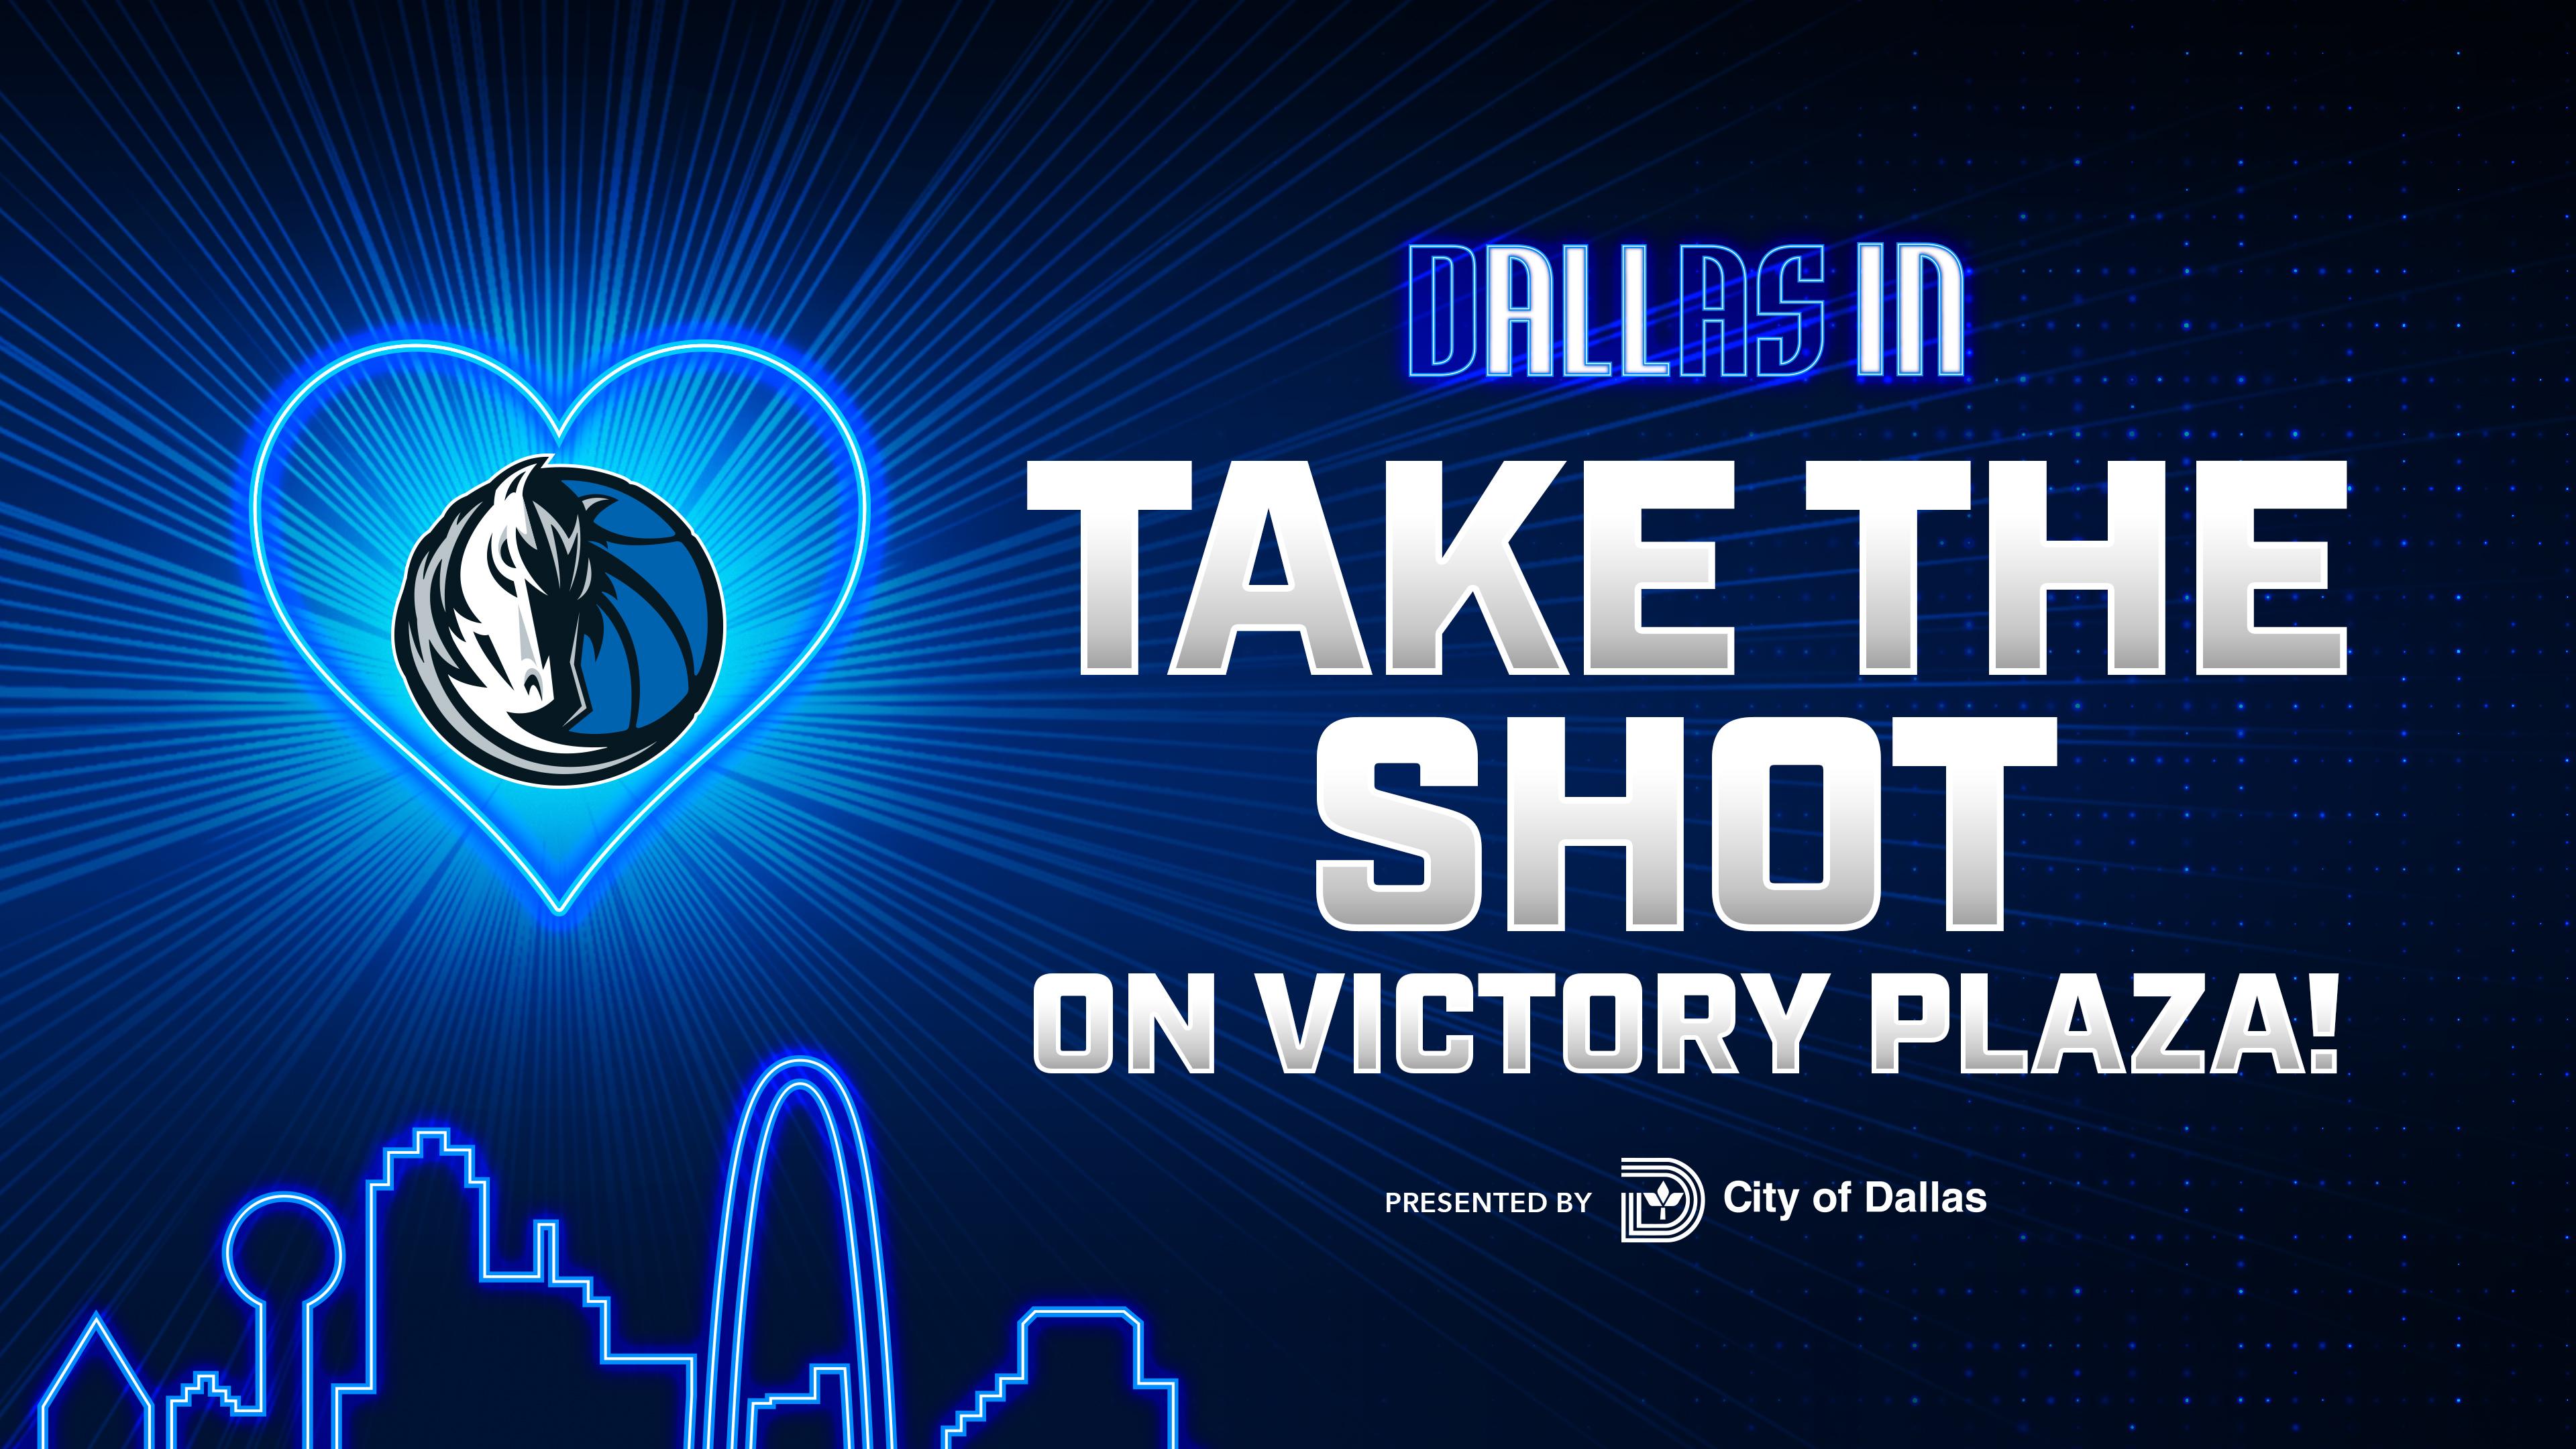 All In Dallas Take the Shot  - 840x2160